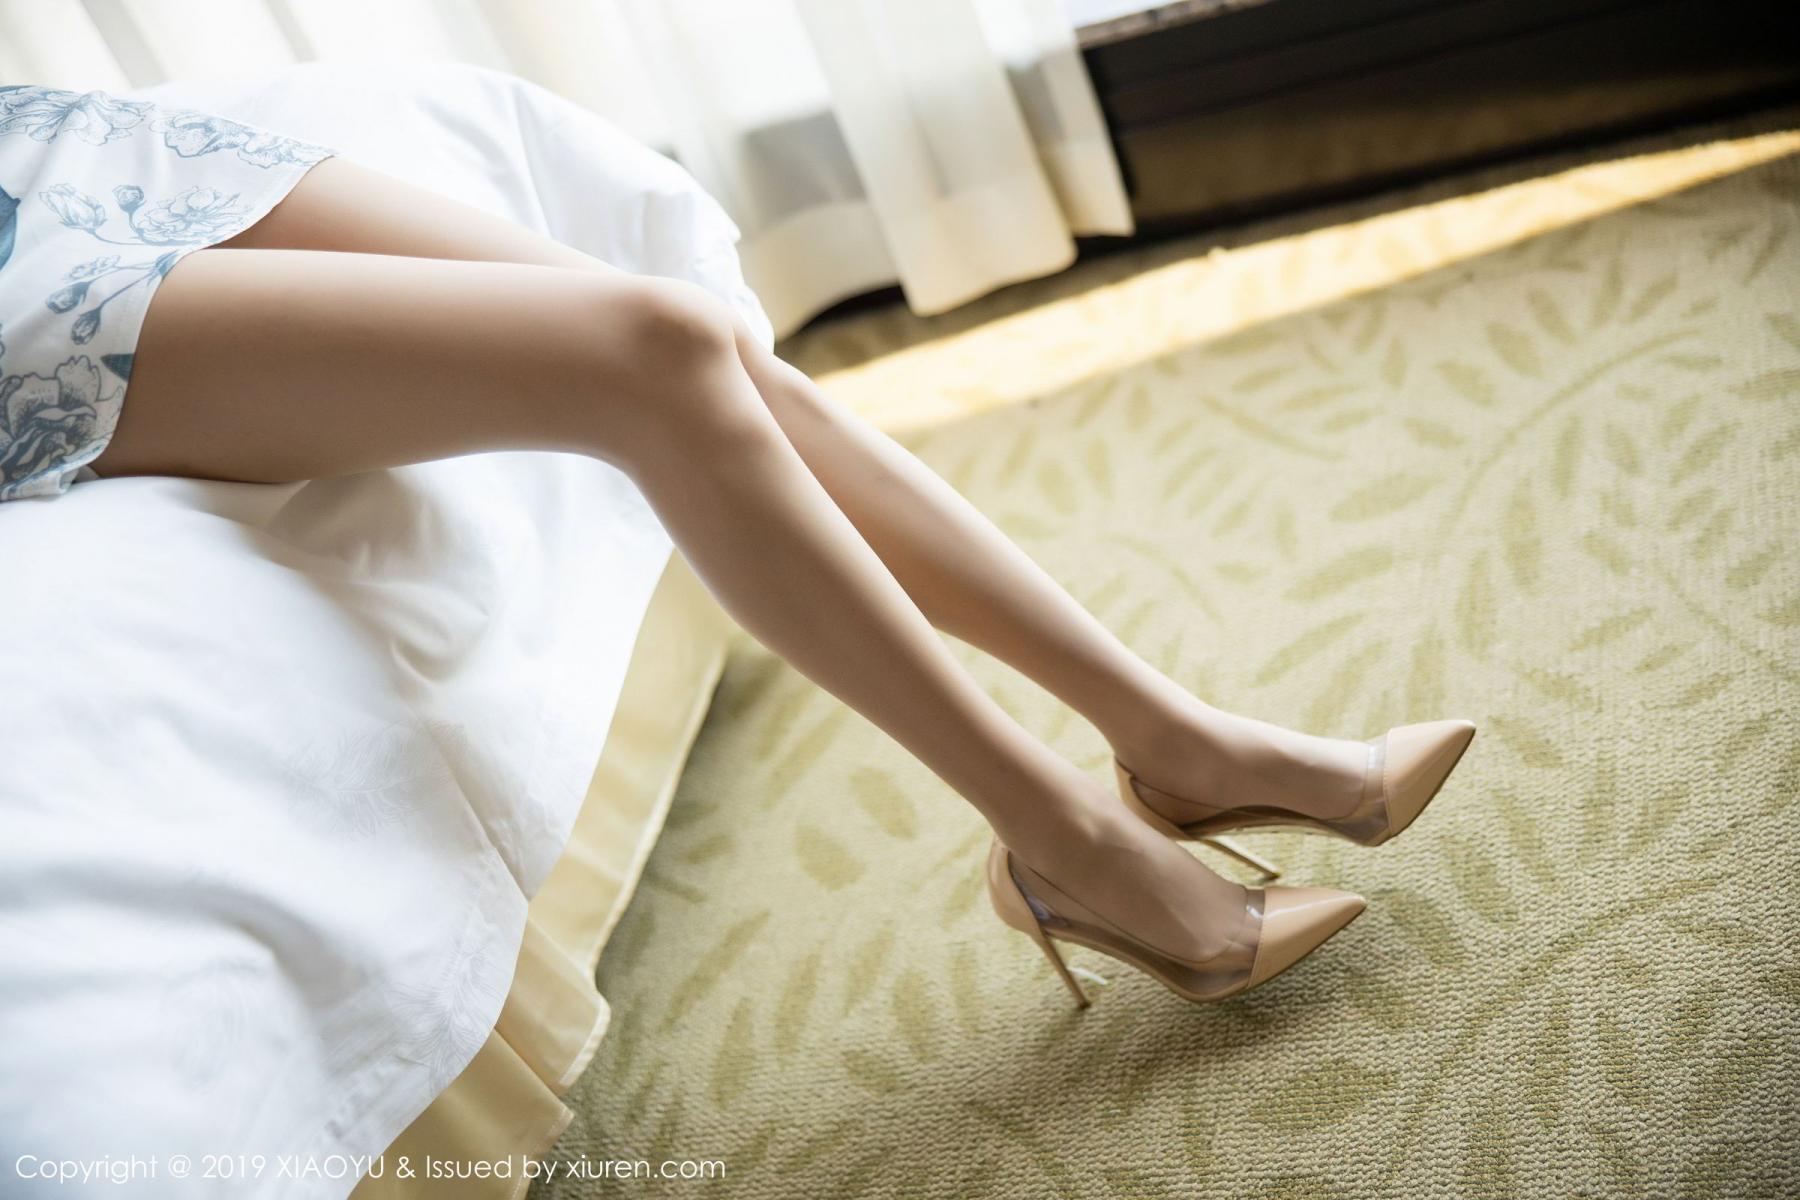 [XiaoYu] Vol.200 Miko Jiang 64P, Miko Jiang, Slim, Tall, Underwear, XiaoYu